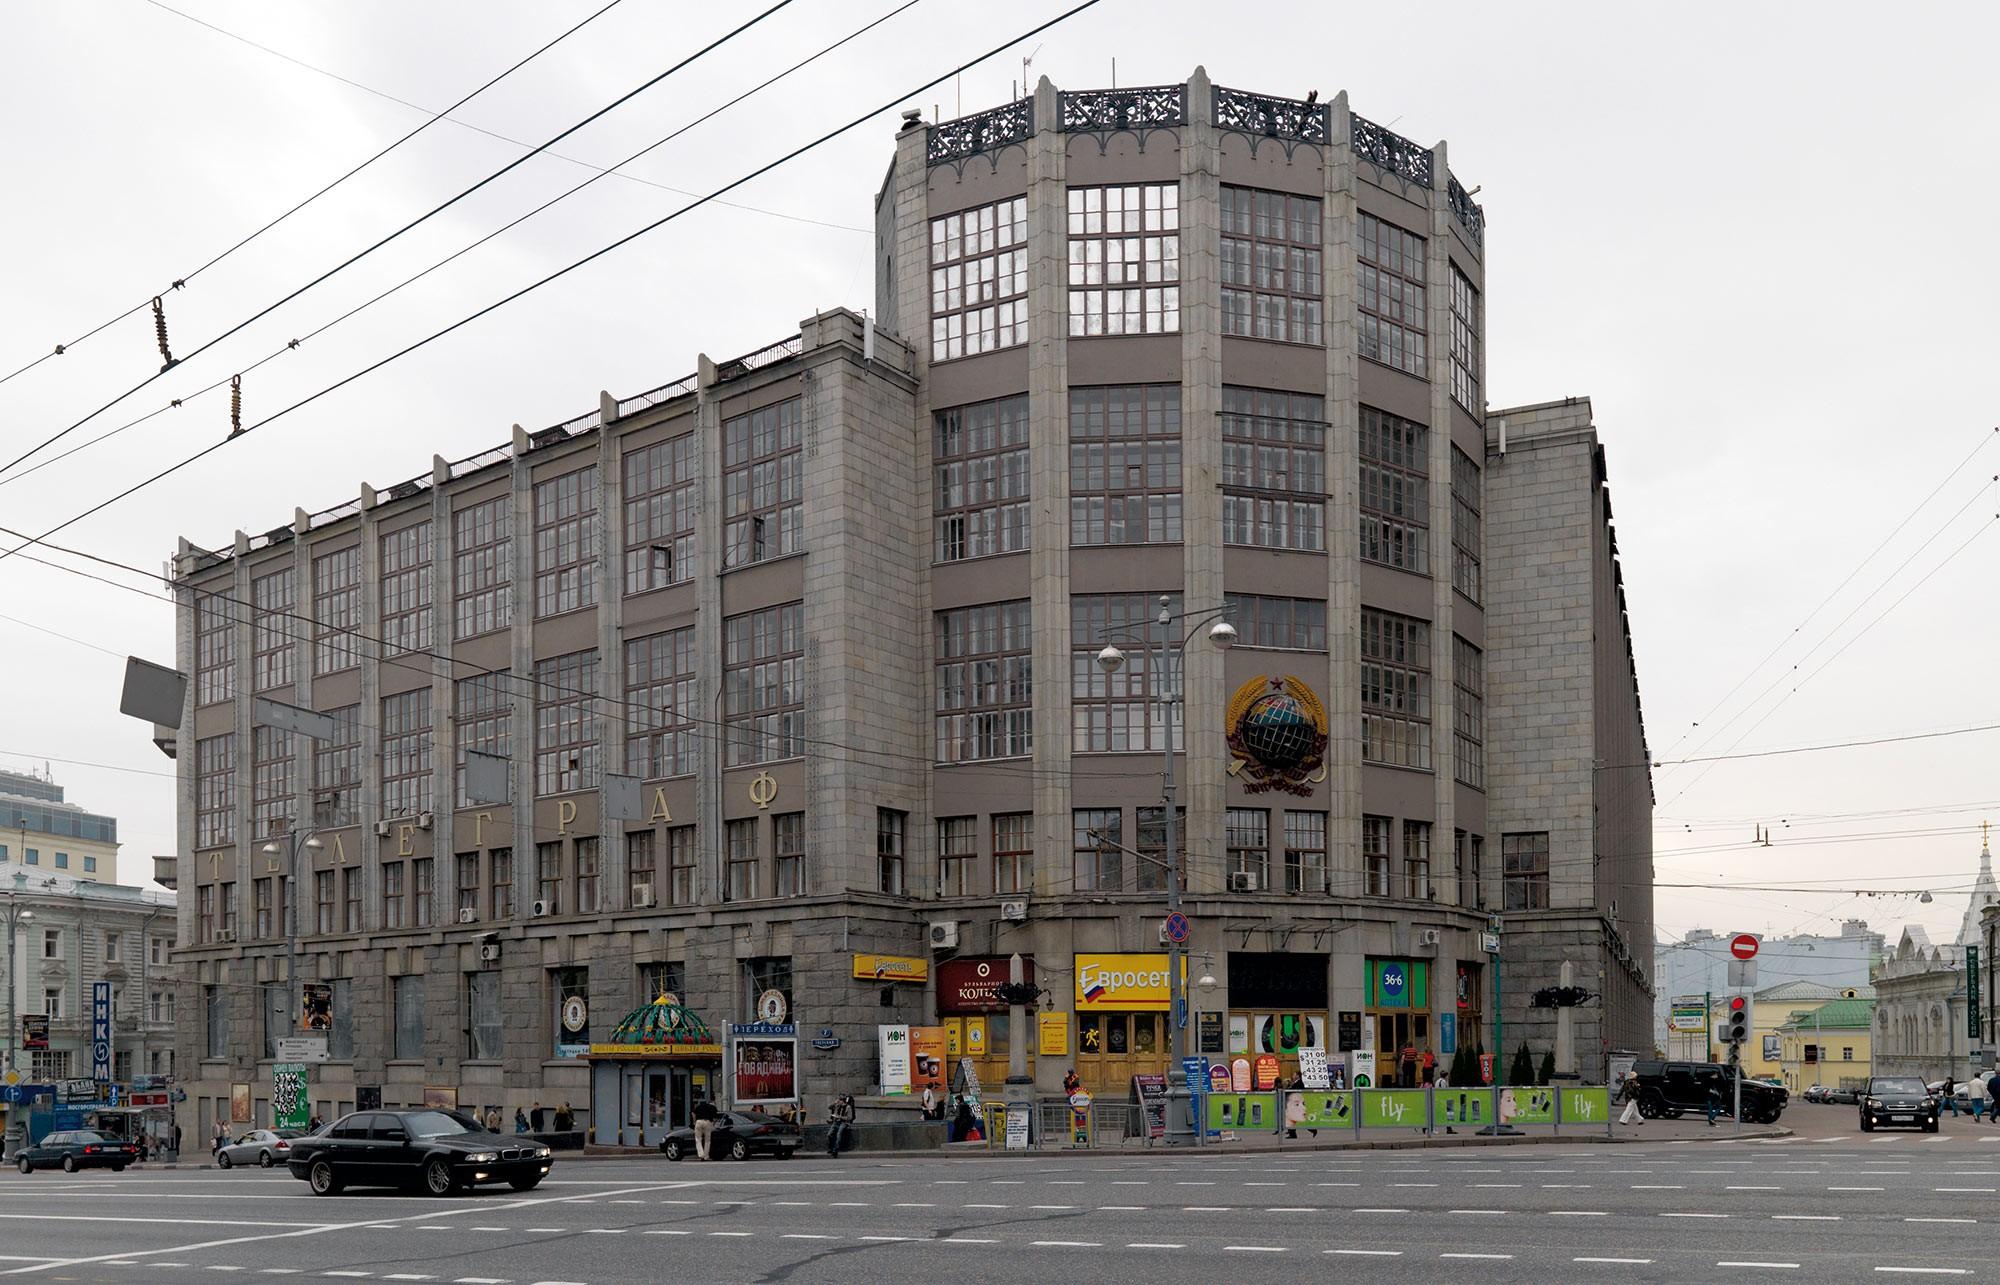 Zentrales Telegrafenamt, 1925-1927